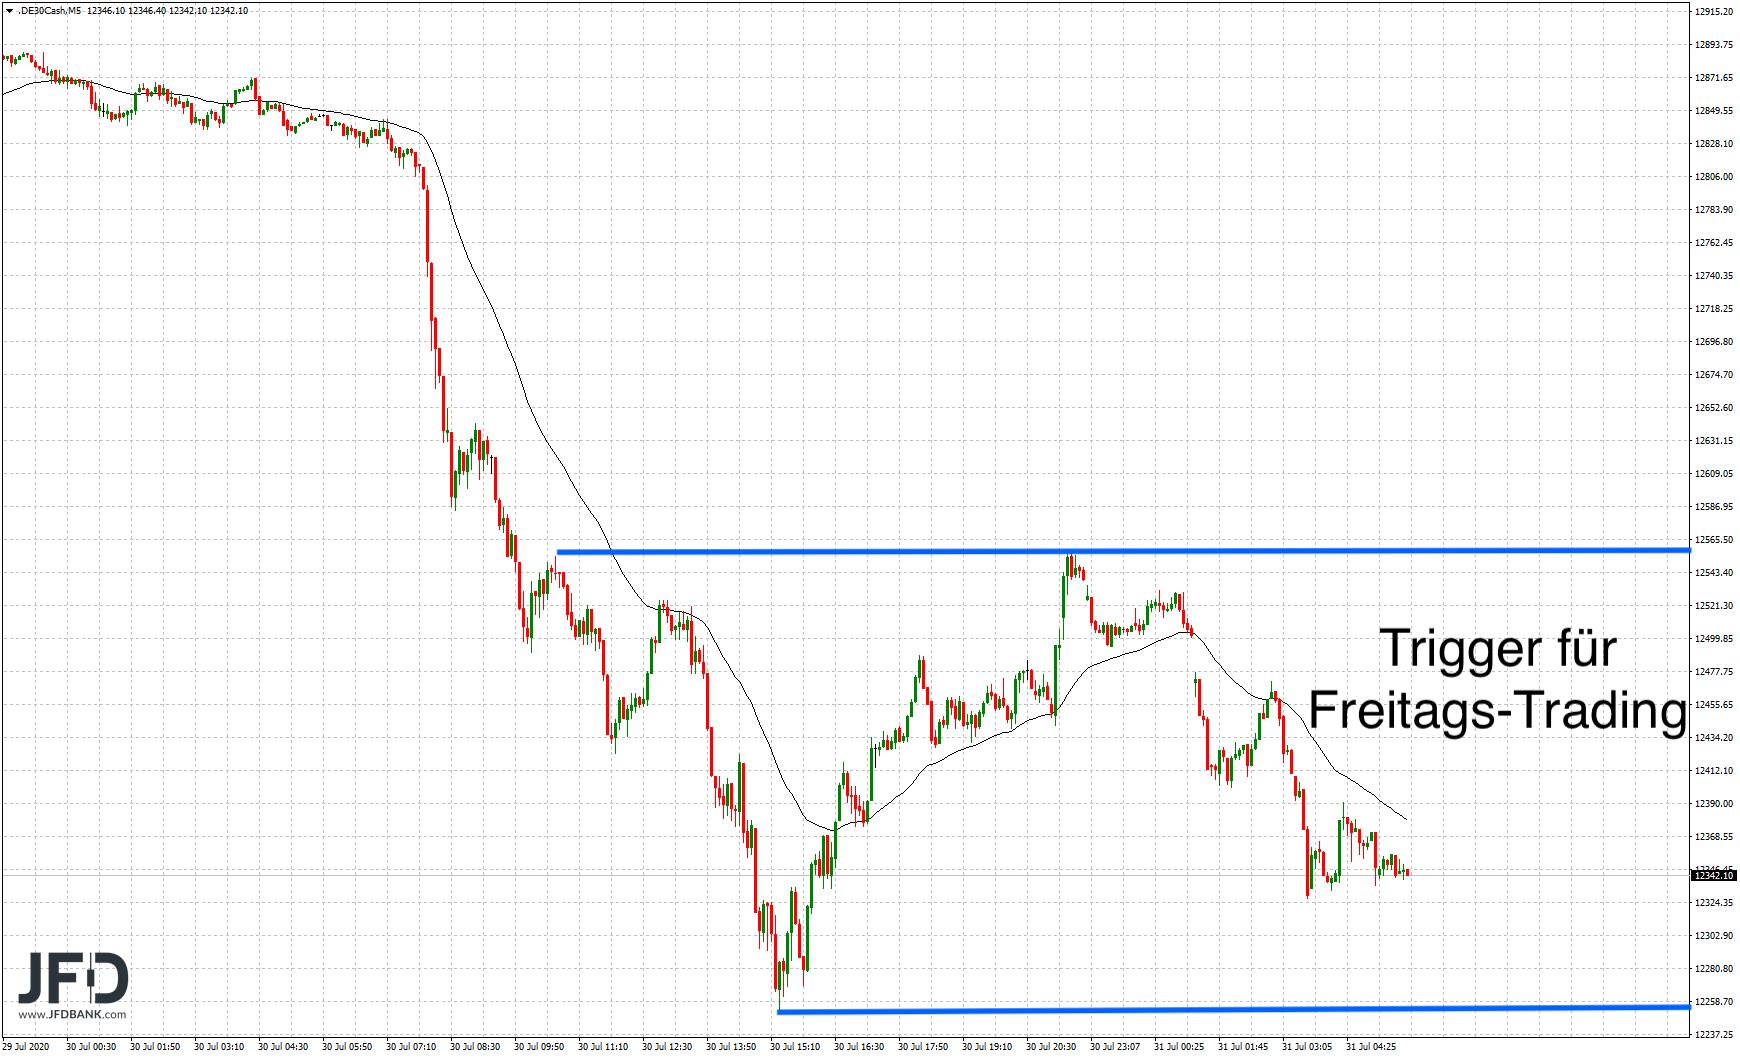 Entladung-des-DAX-auf-der-Unterseite-Hintergründe-und-Trading-Setups-Kommentar-JFD-Bank-GodmodeTrader.de-7